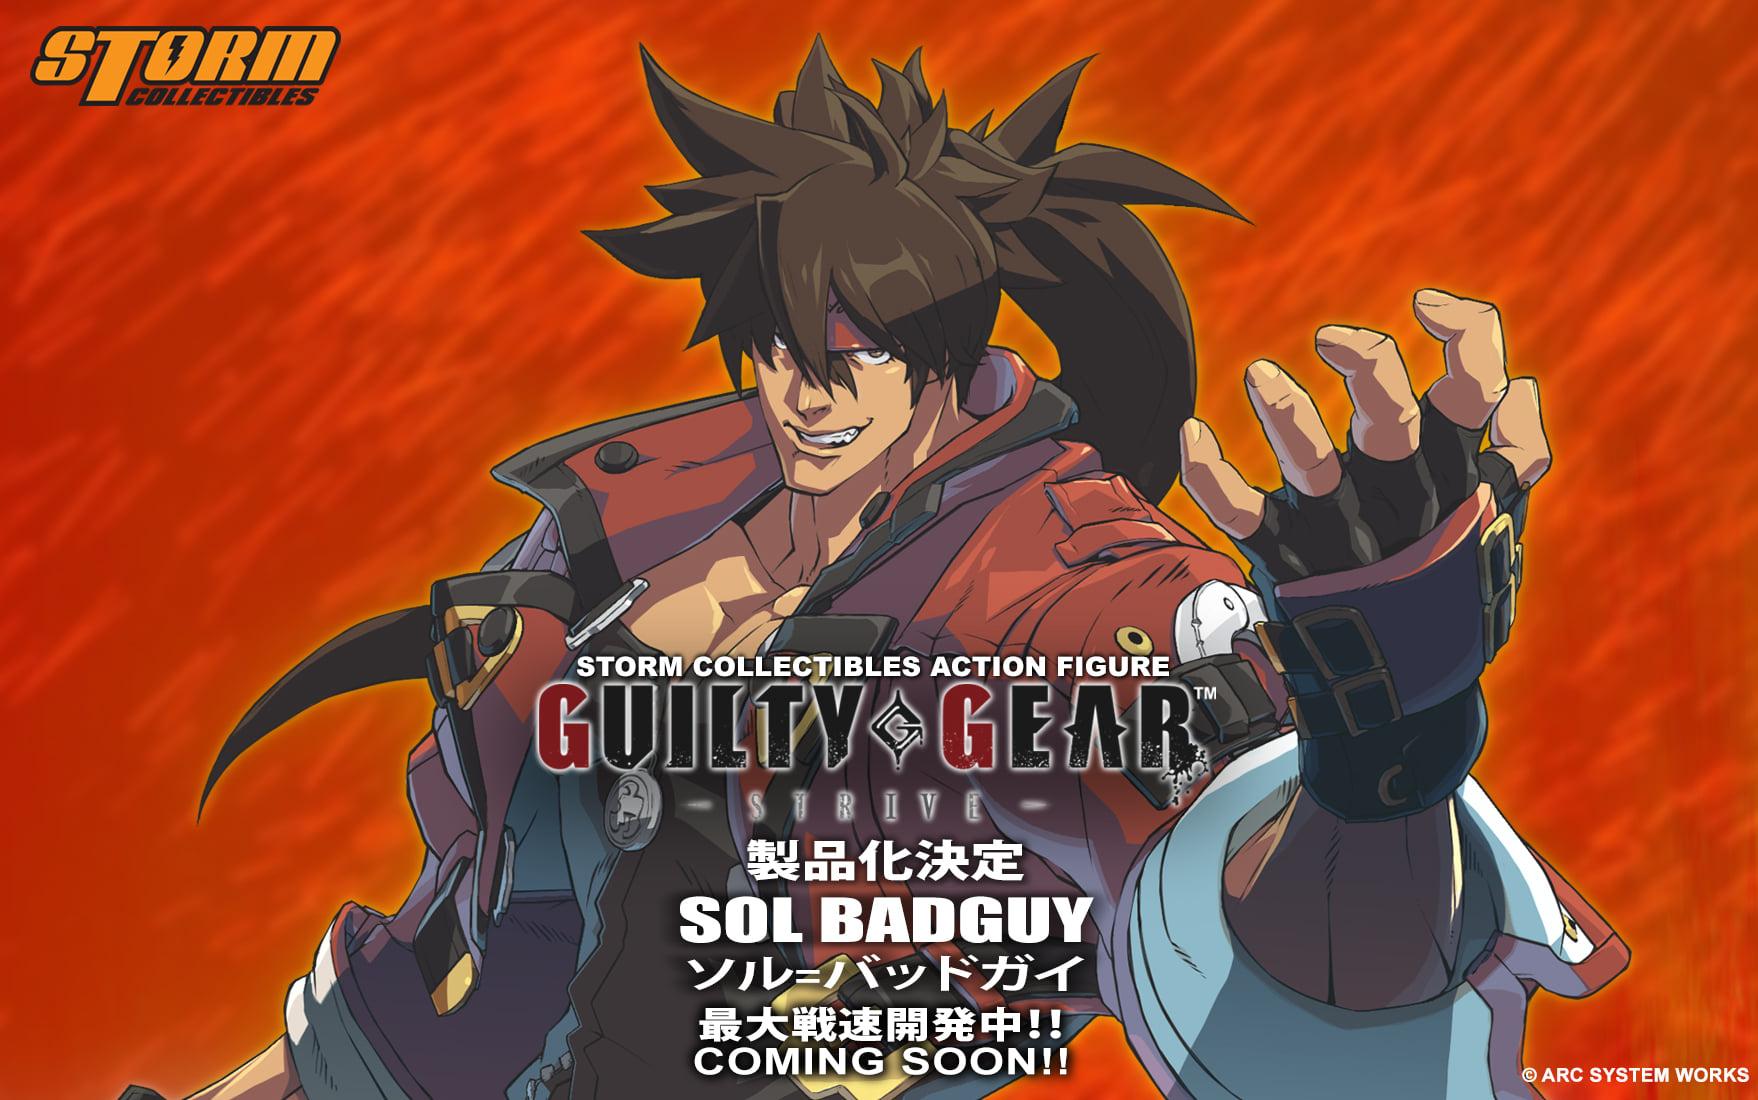 ソル ギルティ ギア 『ギルティギアXrd』ソルの武器「ジャンクヤードドッグ」モチーフのコラボスピーカーが登場!